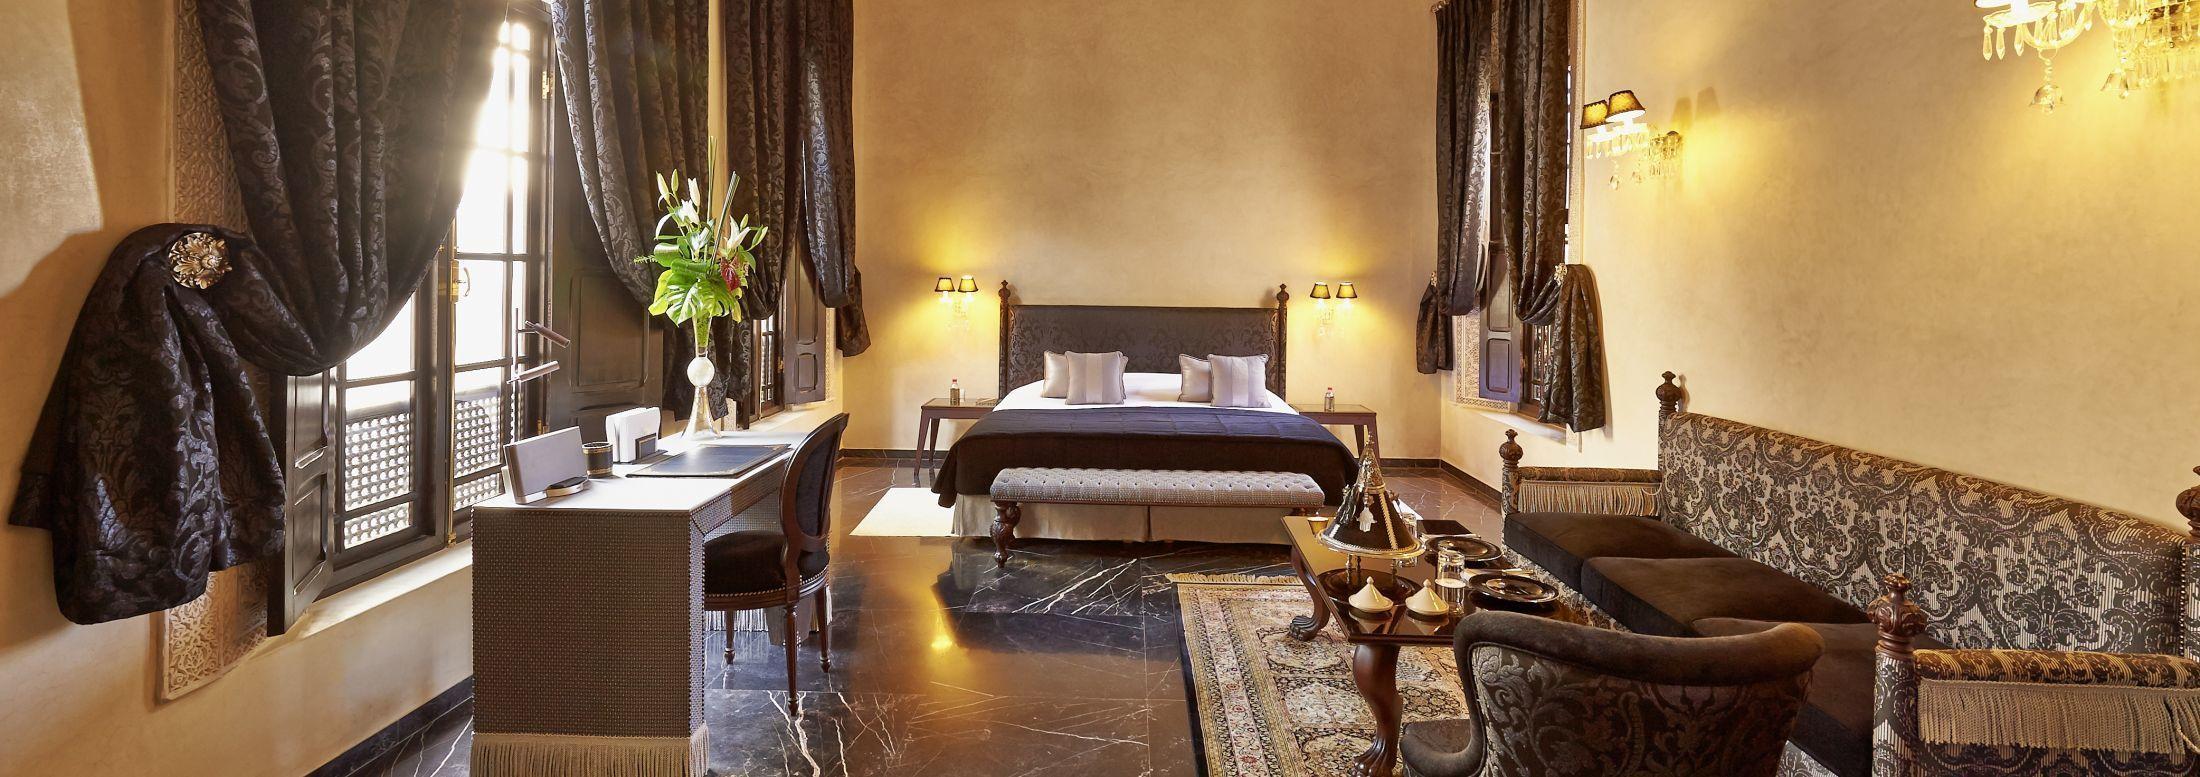 Riad Fes Hotel - Room